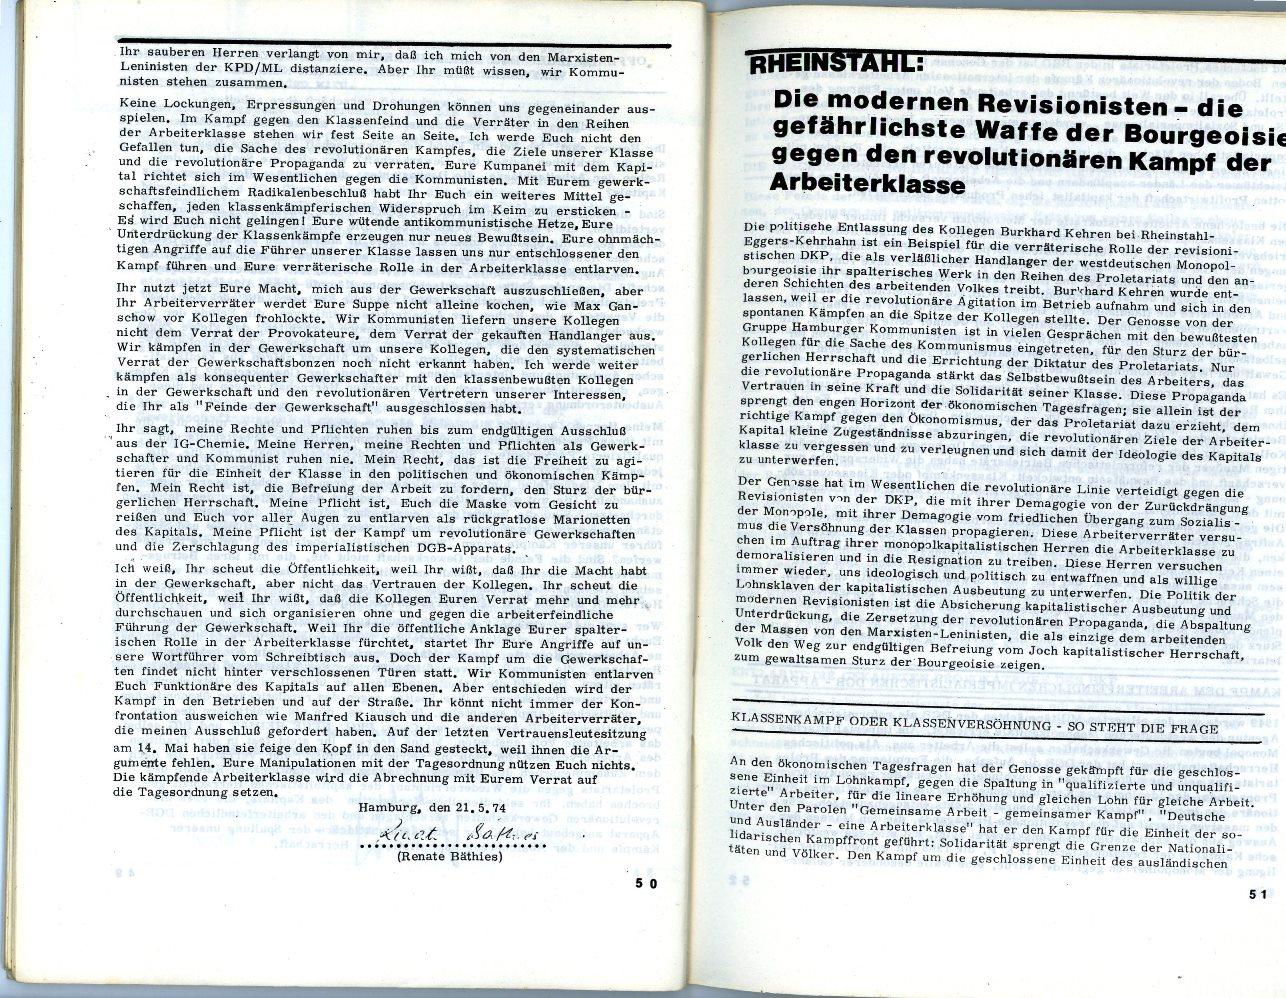 Hamburg_RH_1974_Politische_Entlassungen_27